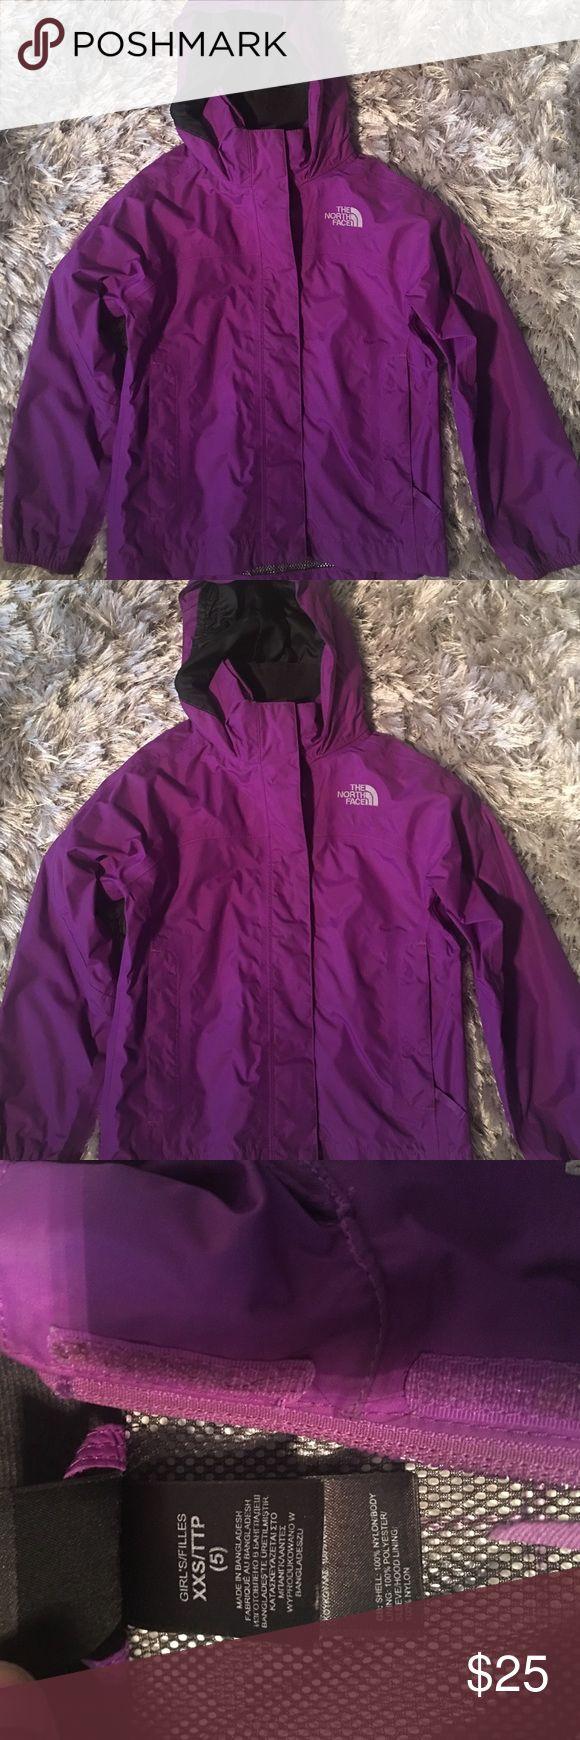 Girls north face windbreaker jacket XXS (5) Gently used girls north face jacket XXS (5) The North Face Jackets & Coats